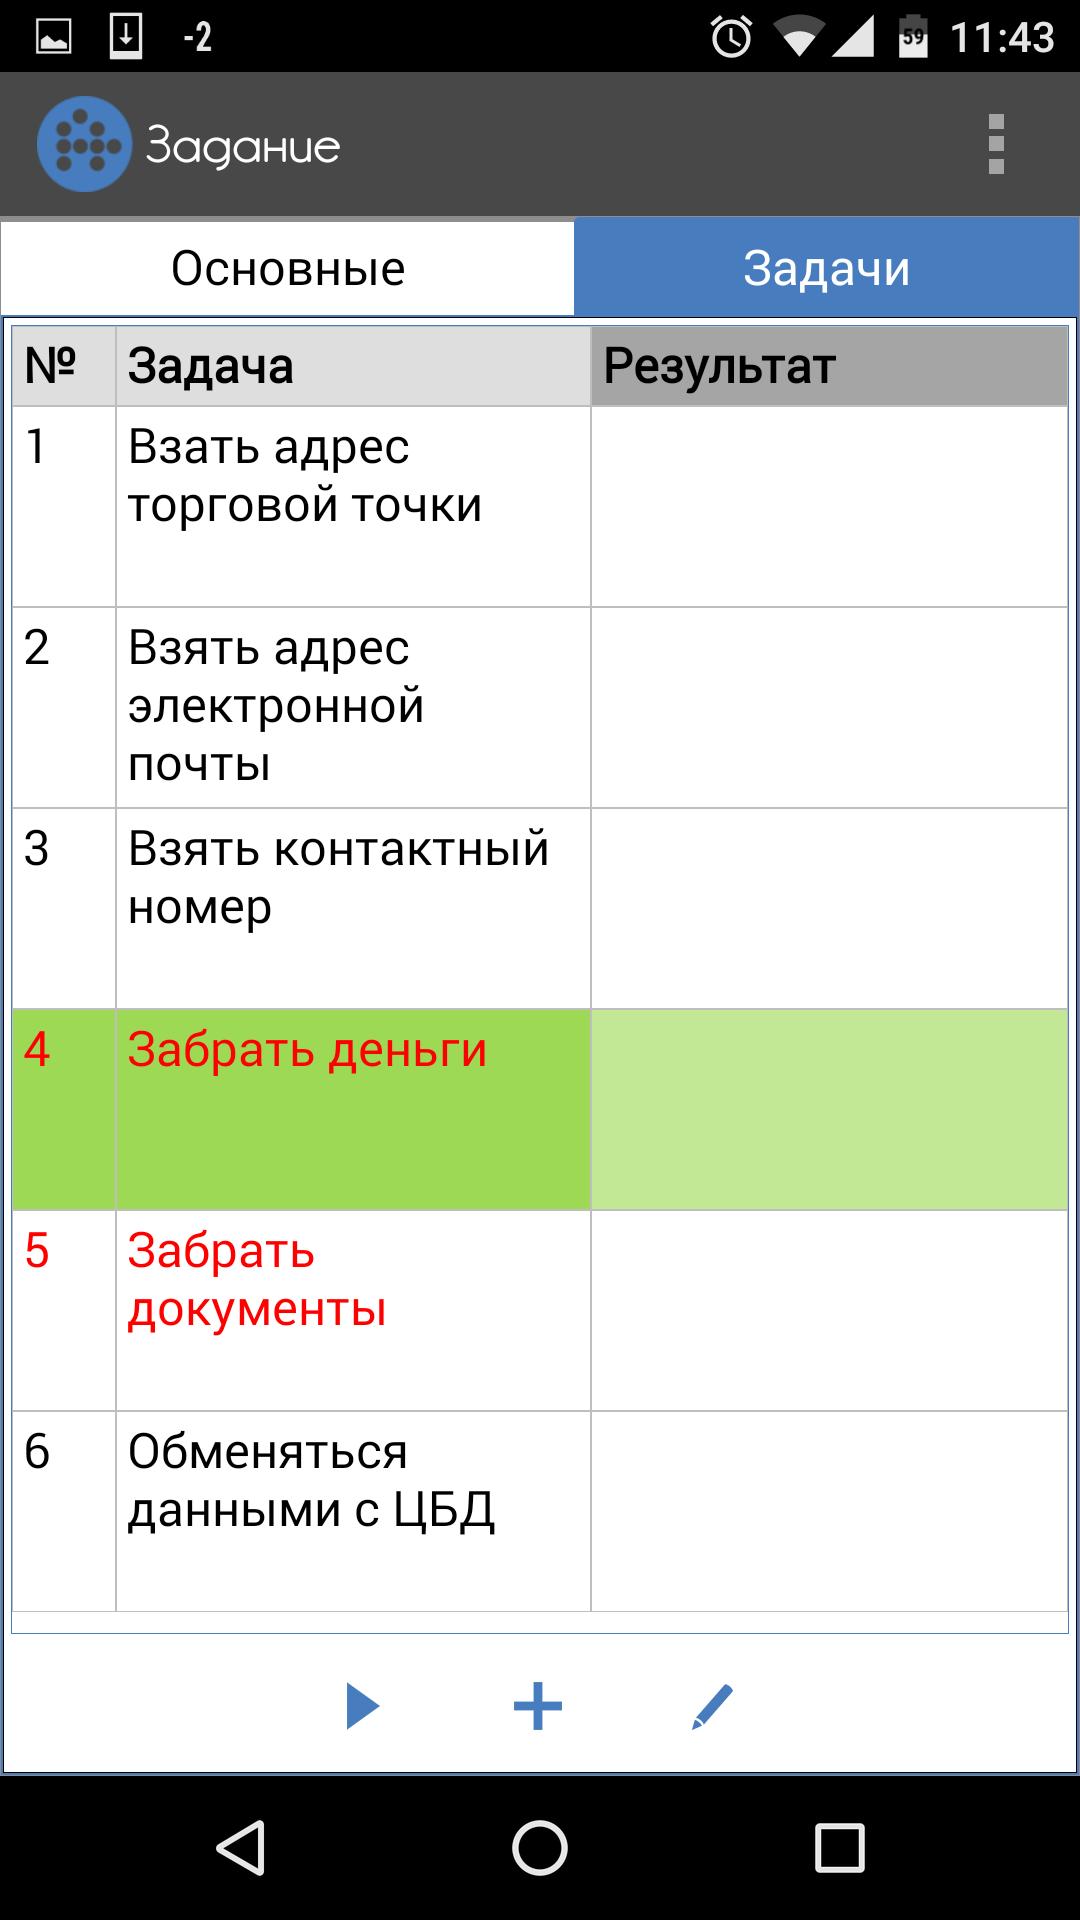 Список задач торгового агента